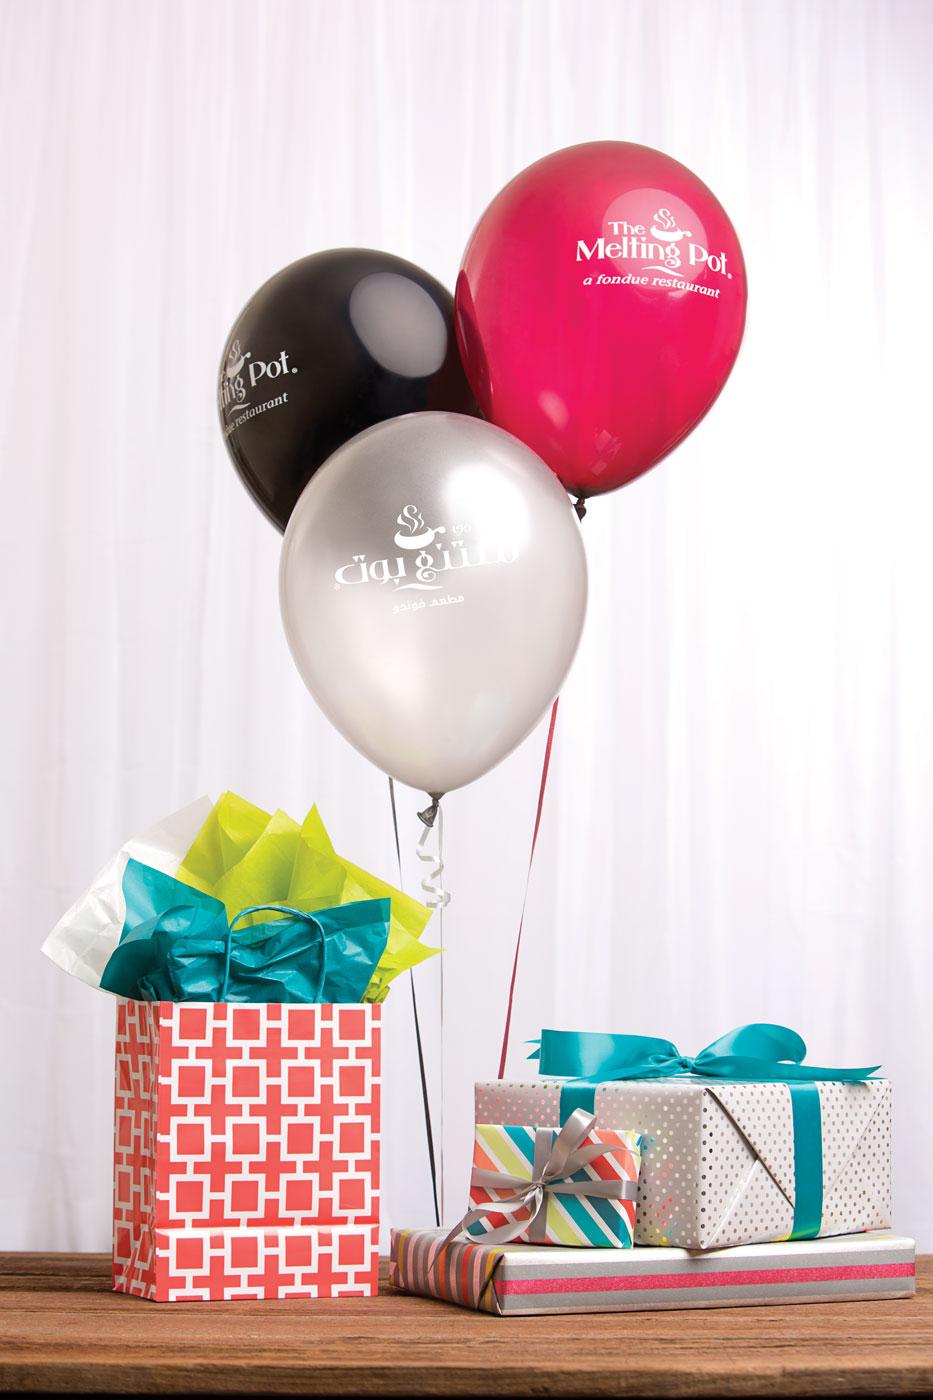 meltingpot-balloons-gifts-arabic